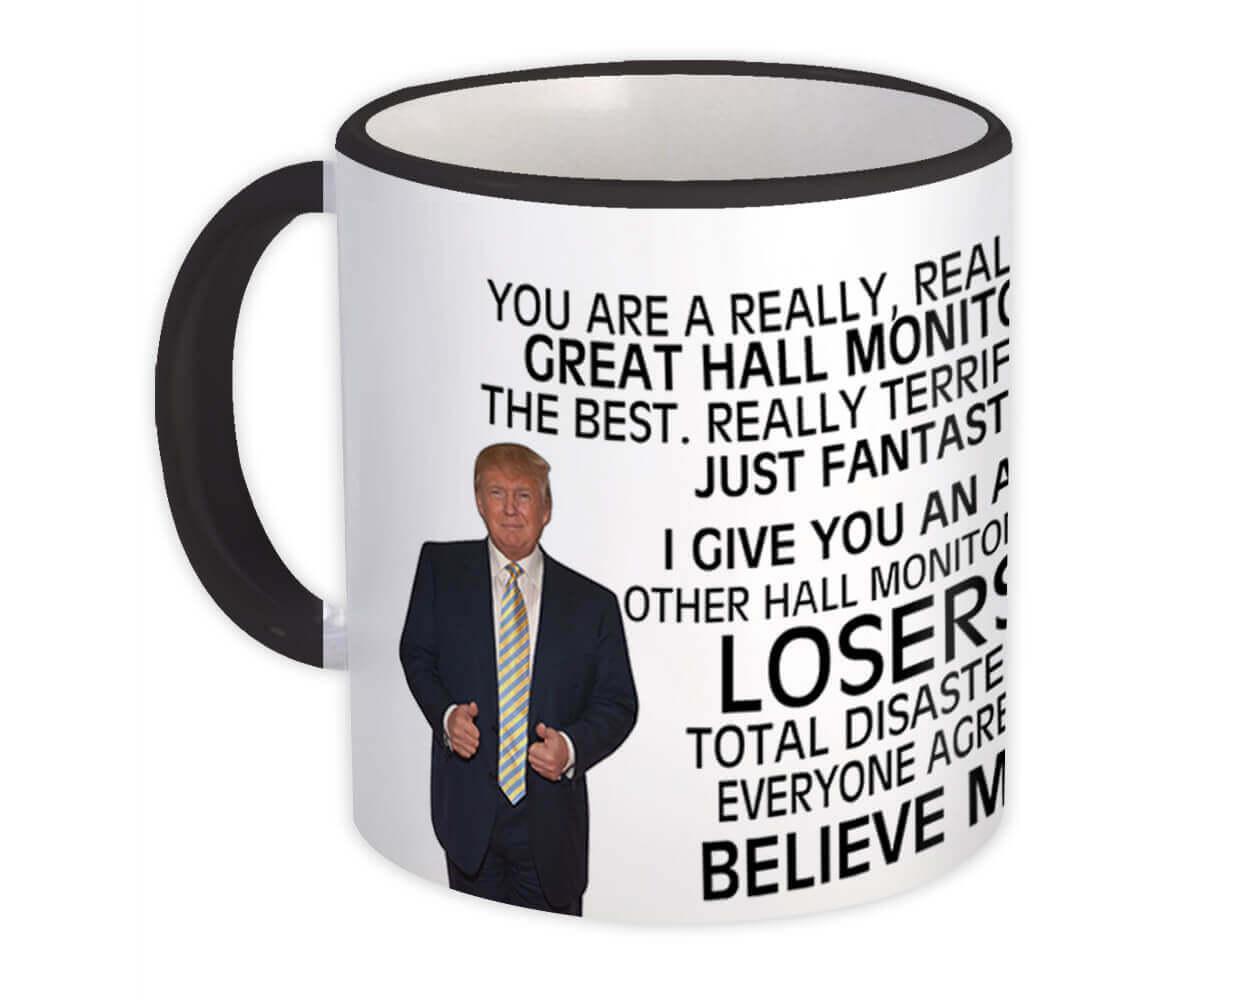 HALL MONITOR Funny Trump : Gift Mug Great HALL MONITOR Birthday Christmas Jobs